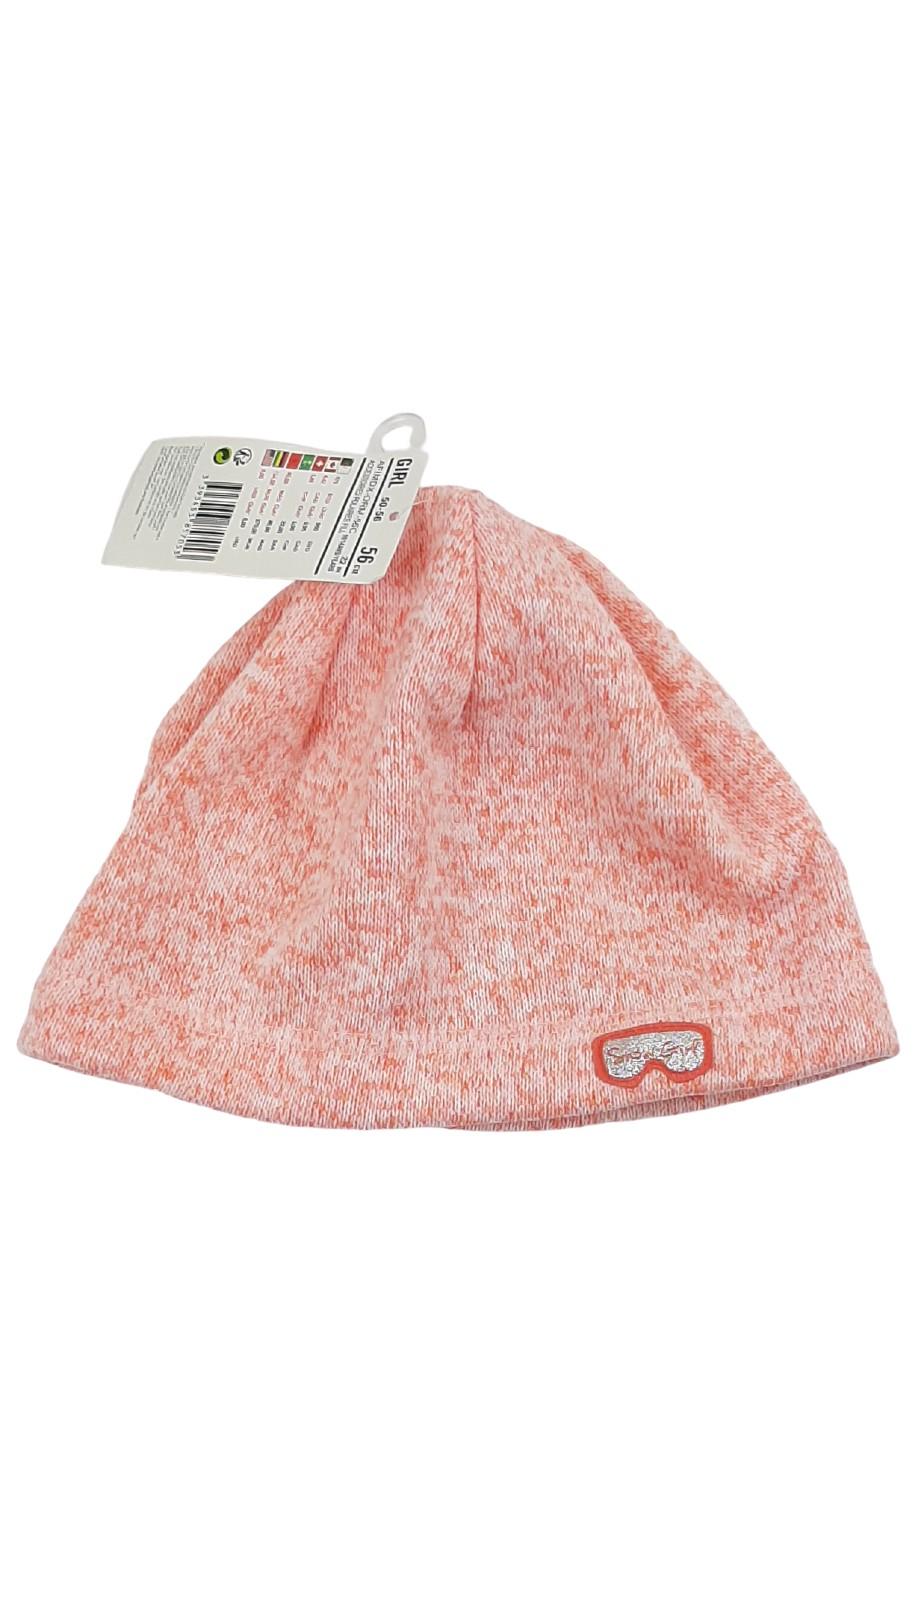 Bonnet/tuque taille 53 cm 1